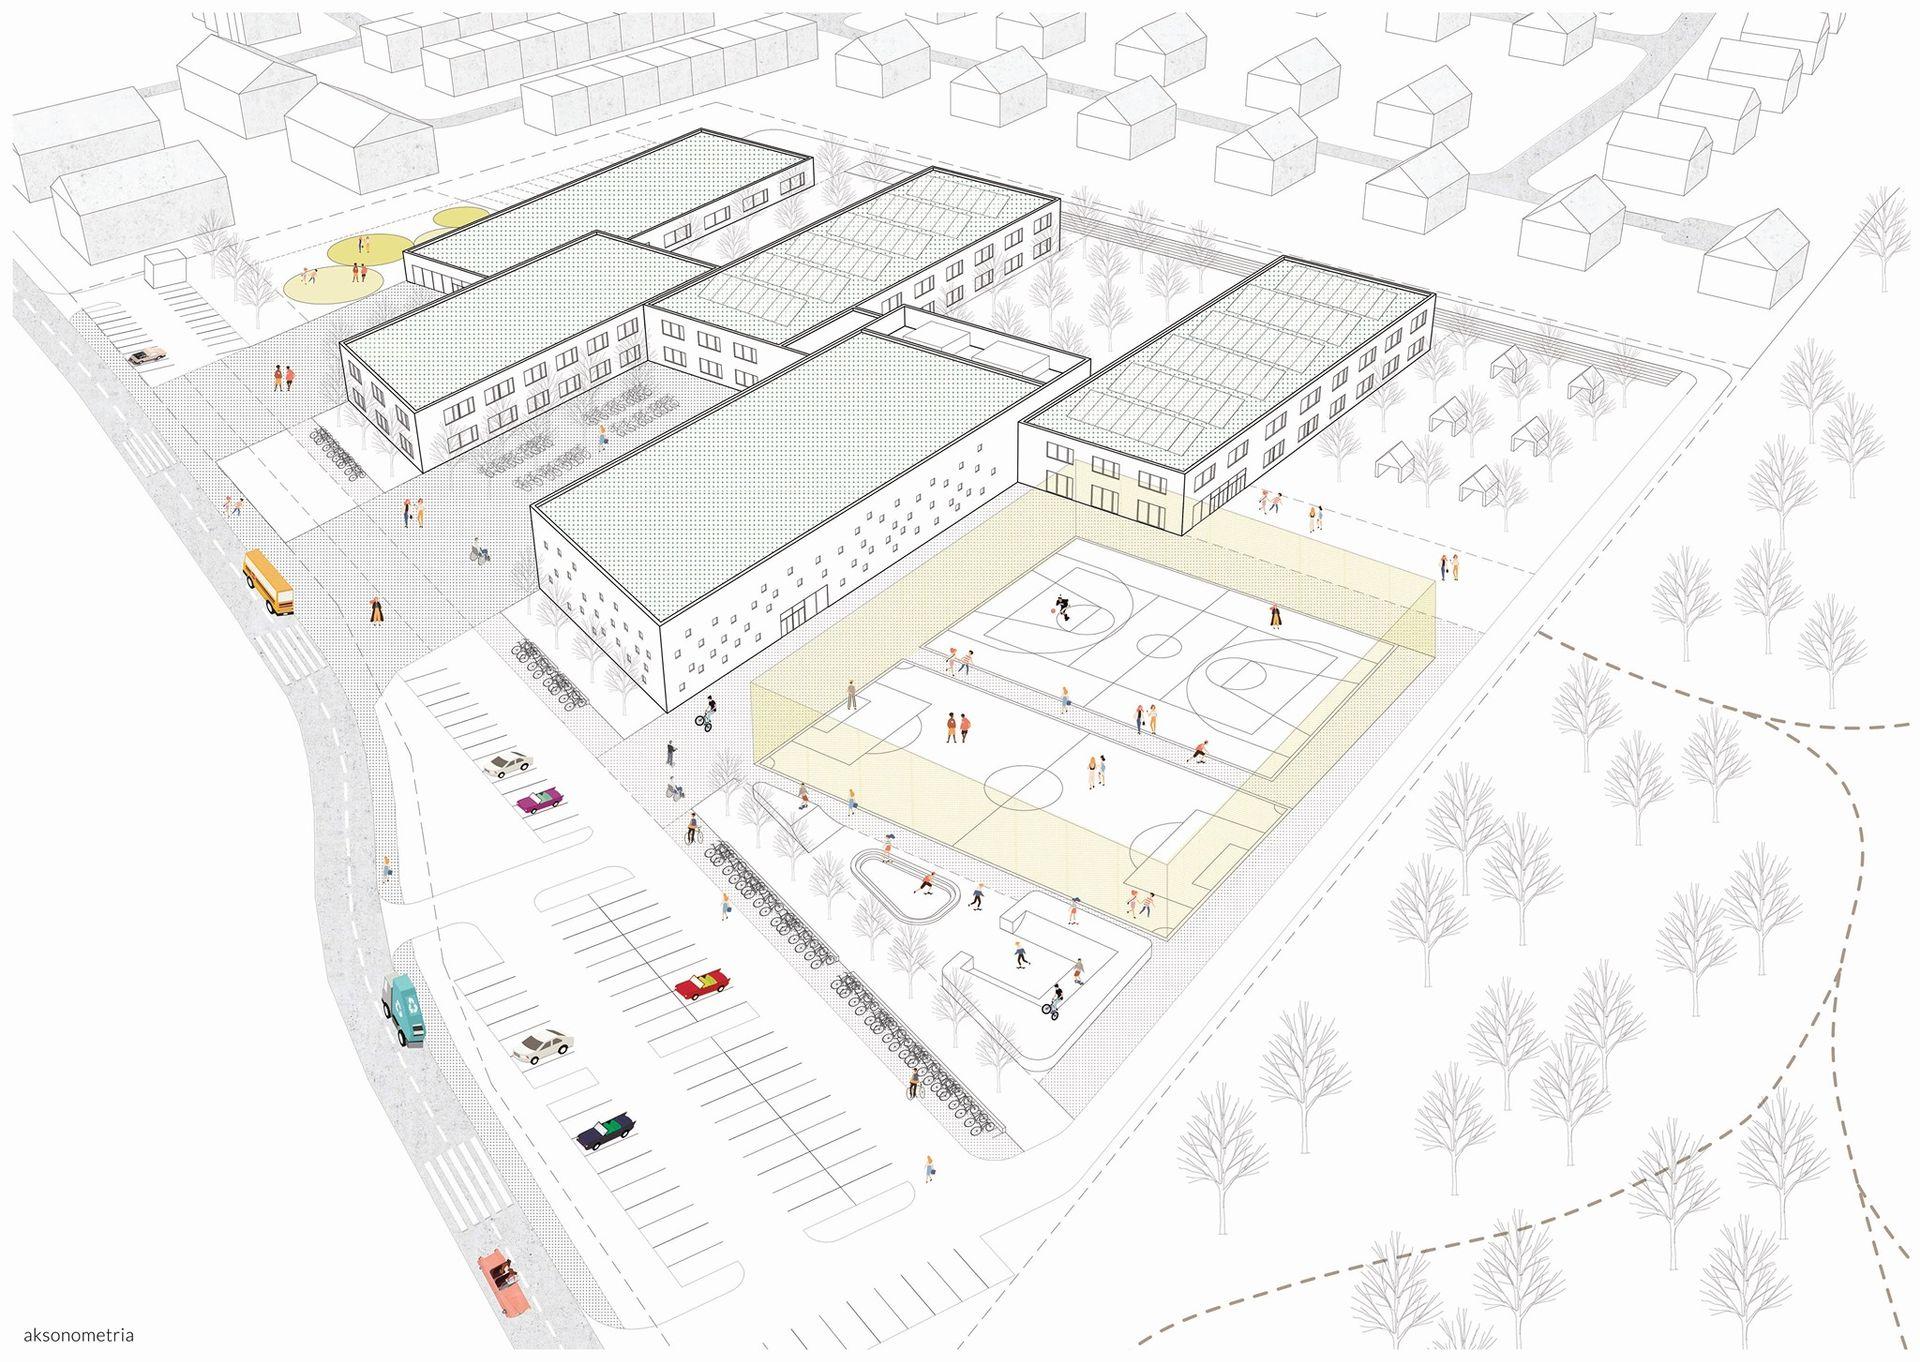 Aż 14 firm zainteresowanych budową kompleksu szkolno-przedszkolnego na granicy Jagodna i Wojszyc